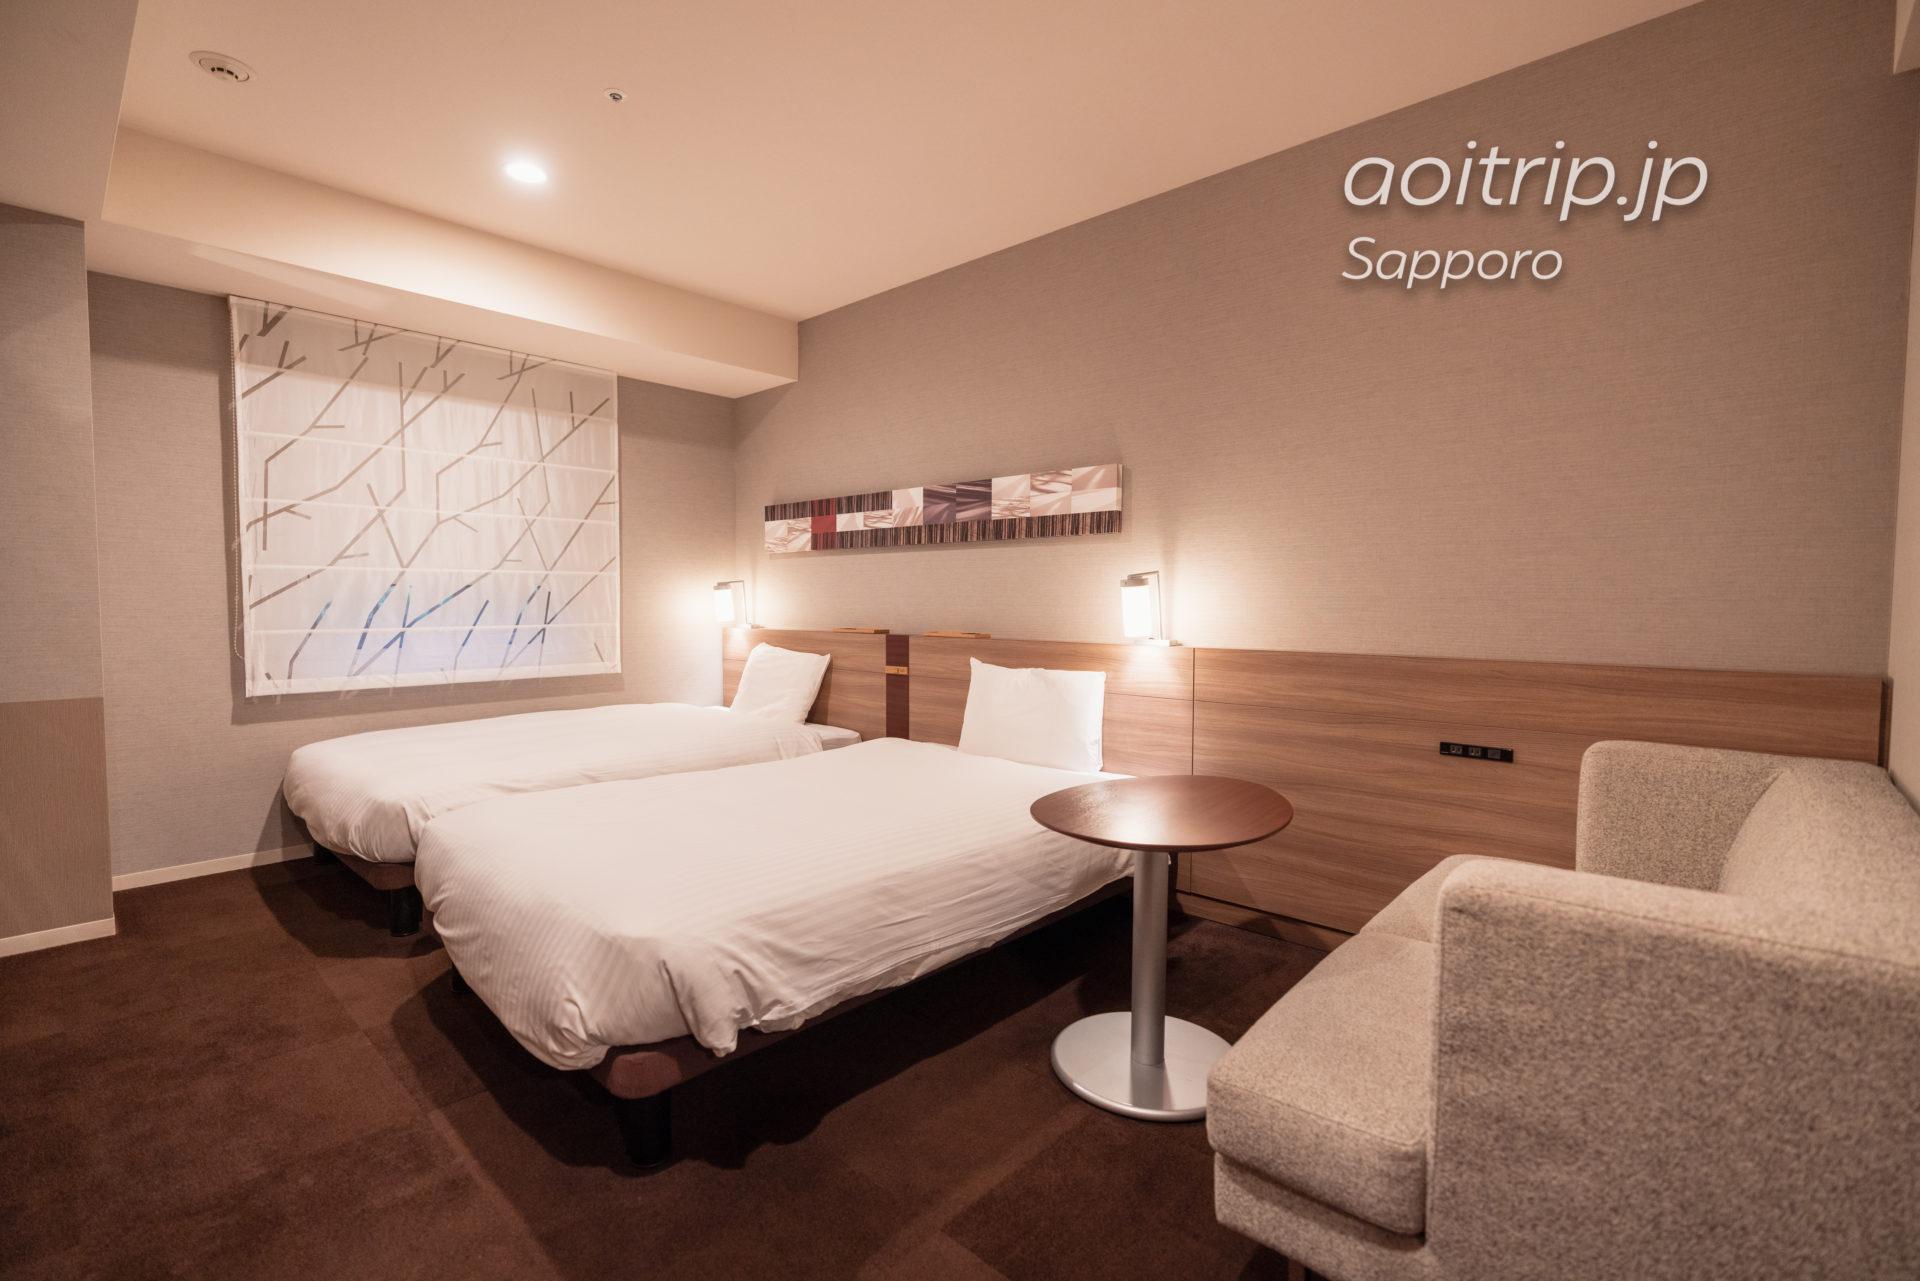 三井ガーデンホテル札幌 宿泊記|Mitsui Garden Hotel Sapporo モデレートツインルームの客室